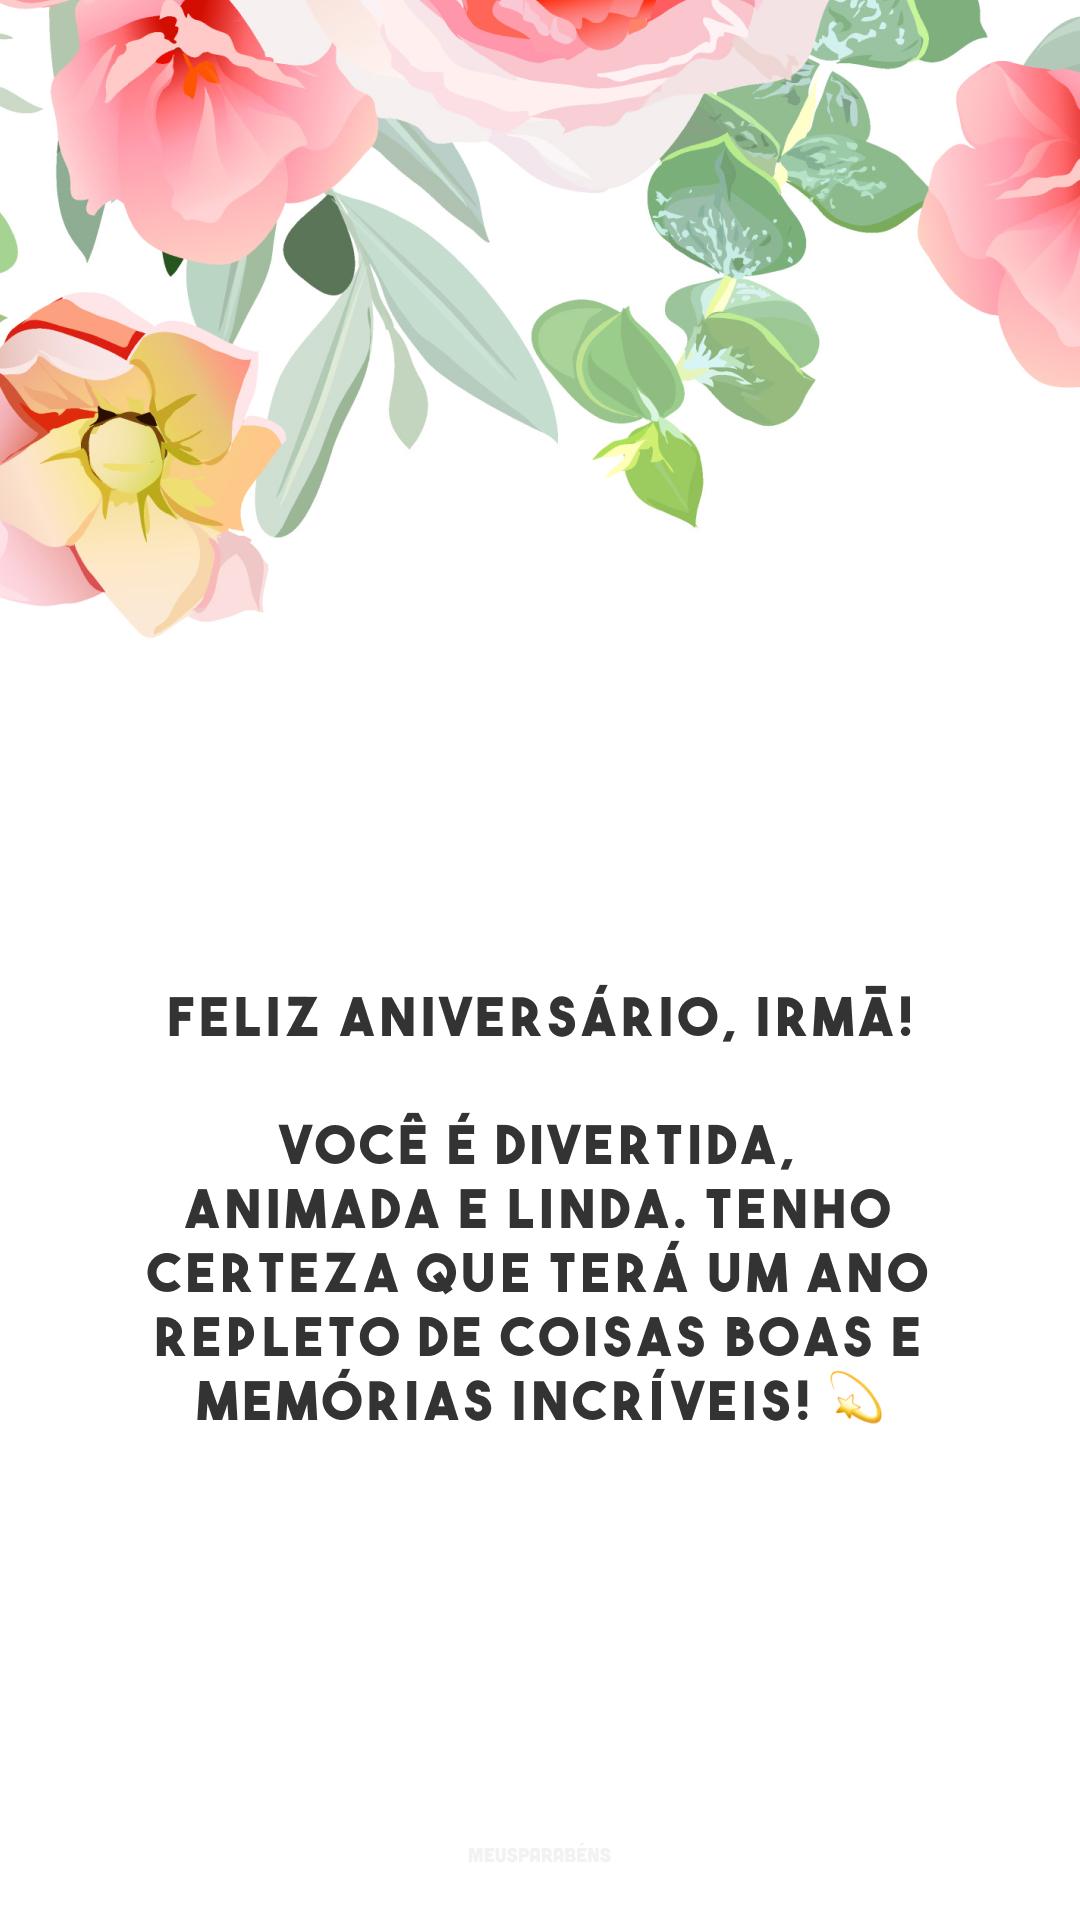 Feliz aniversário, irmã! Você é divertida, animada e linda. Tenho certeza que terá um ano repleto de coisas boas e memórias incríveis! 💫